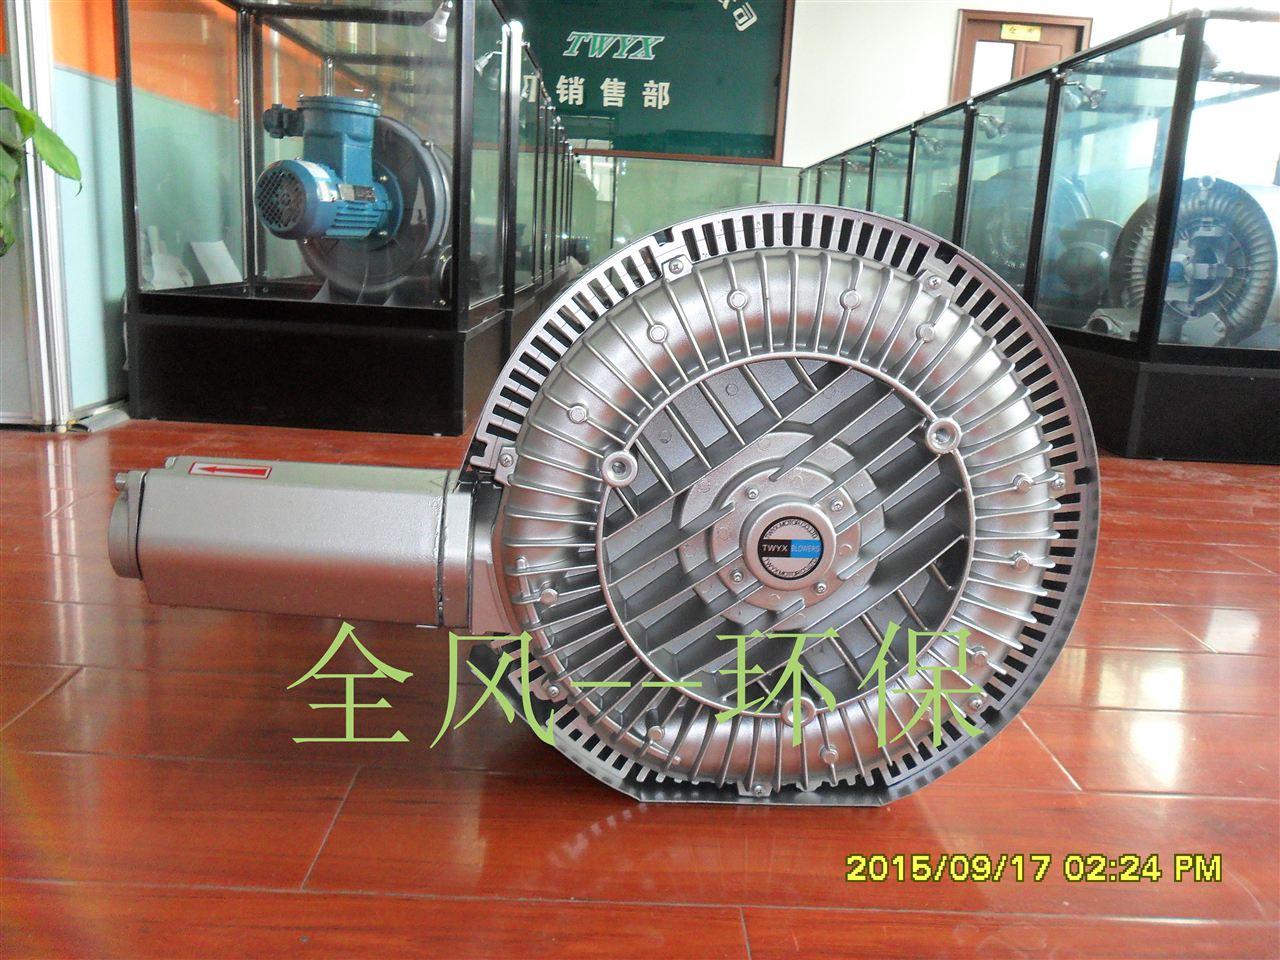 齐齐哈尔粮食扦样机专用风机 吸粮食机 江苏全风环保科技有限公司